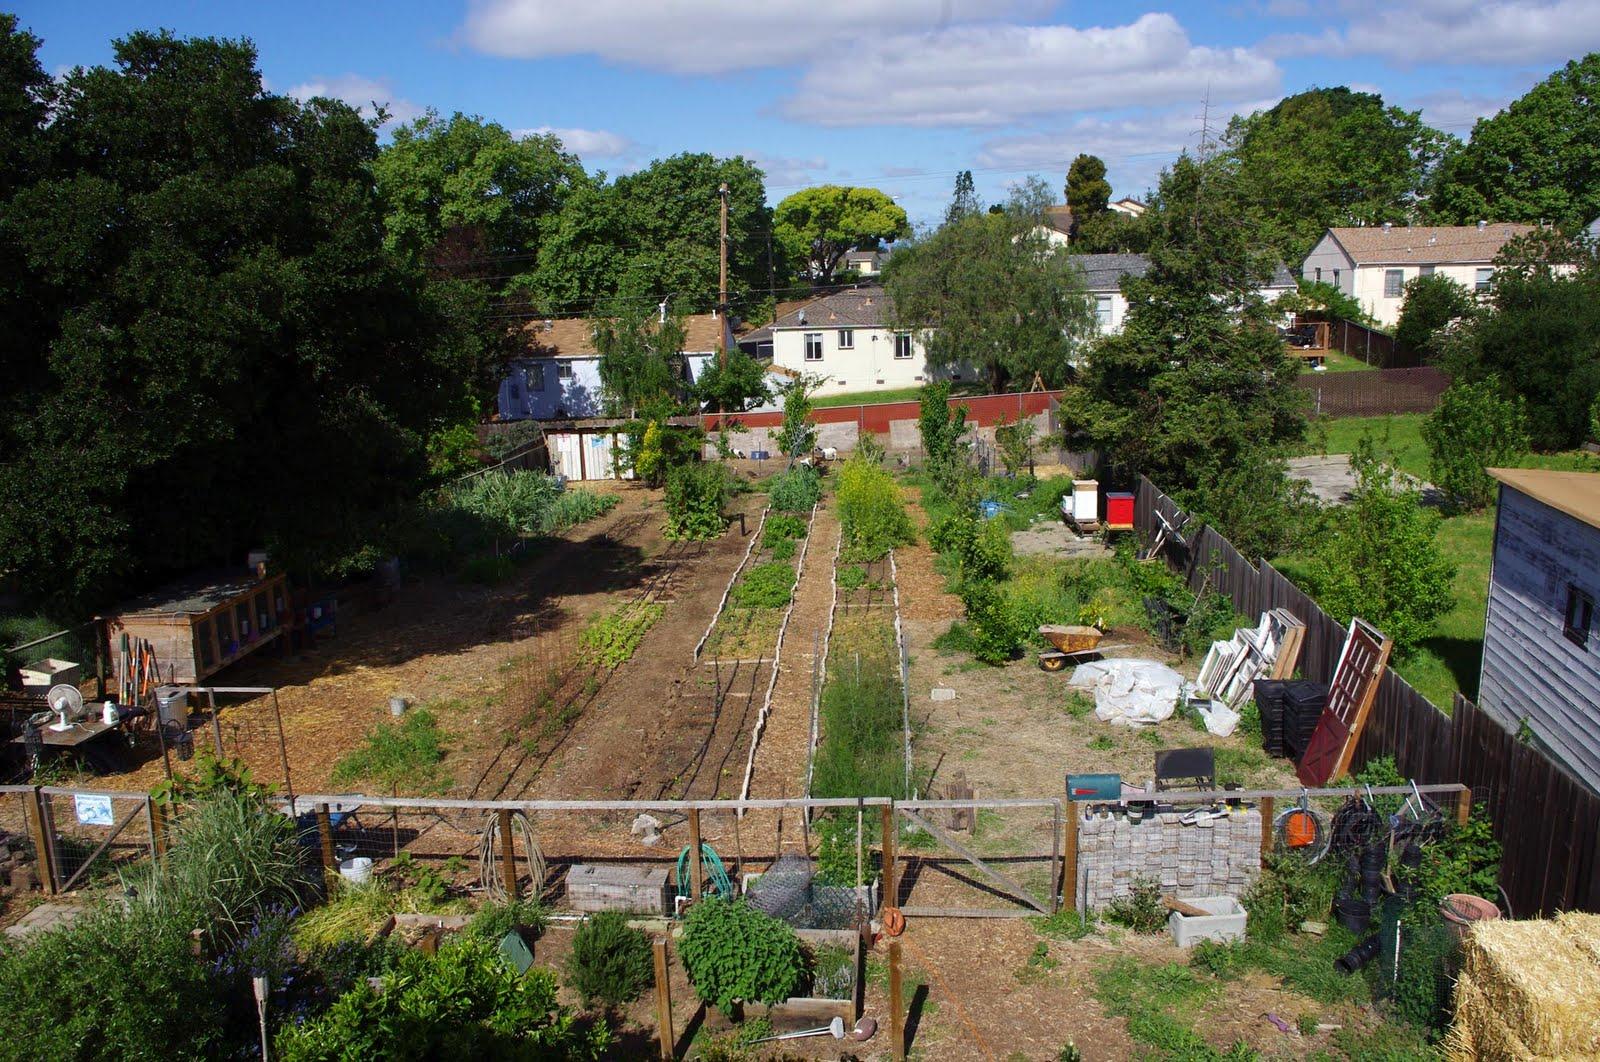 backyard farming animals various design